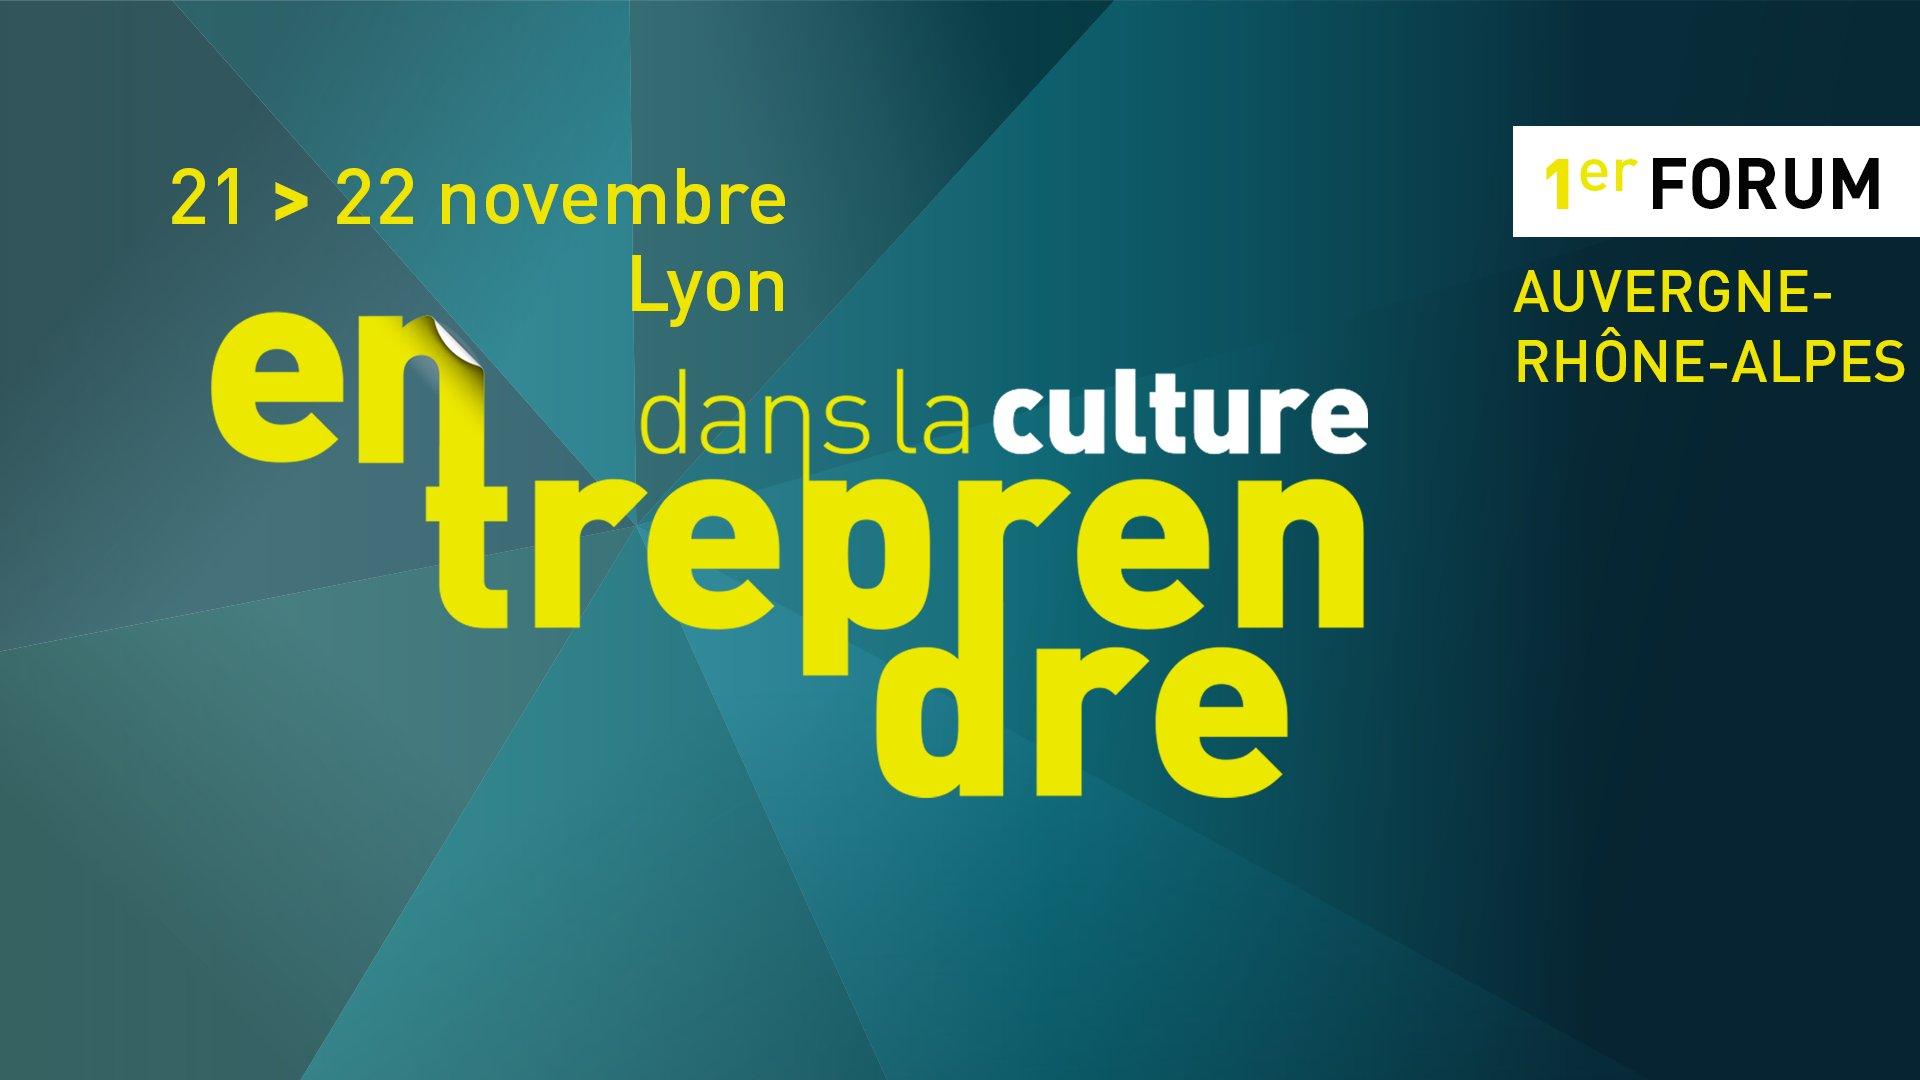 📅 Plus que jours avant le forum #EntreprendreDansLaCulture à #Lyon ! Pensez à vous inscrire : https://t.co/jykPhGcE1f cc @la_nacre @arald_fr https://t.co/gqAuPKoLog